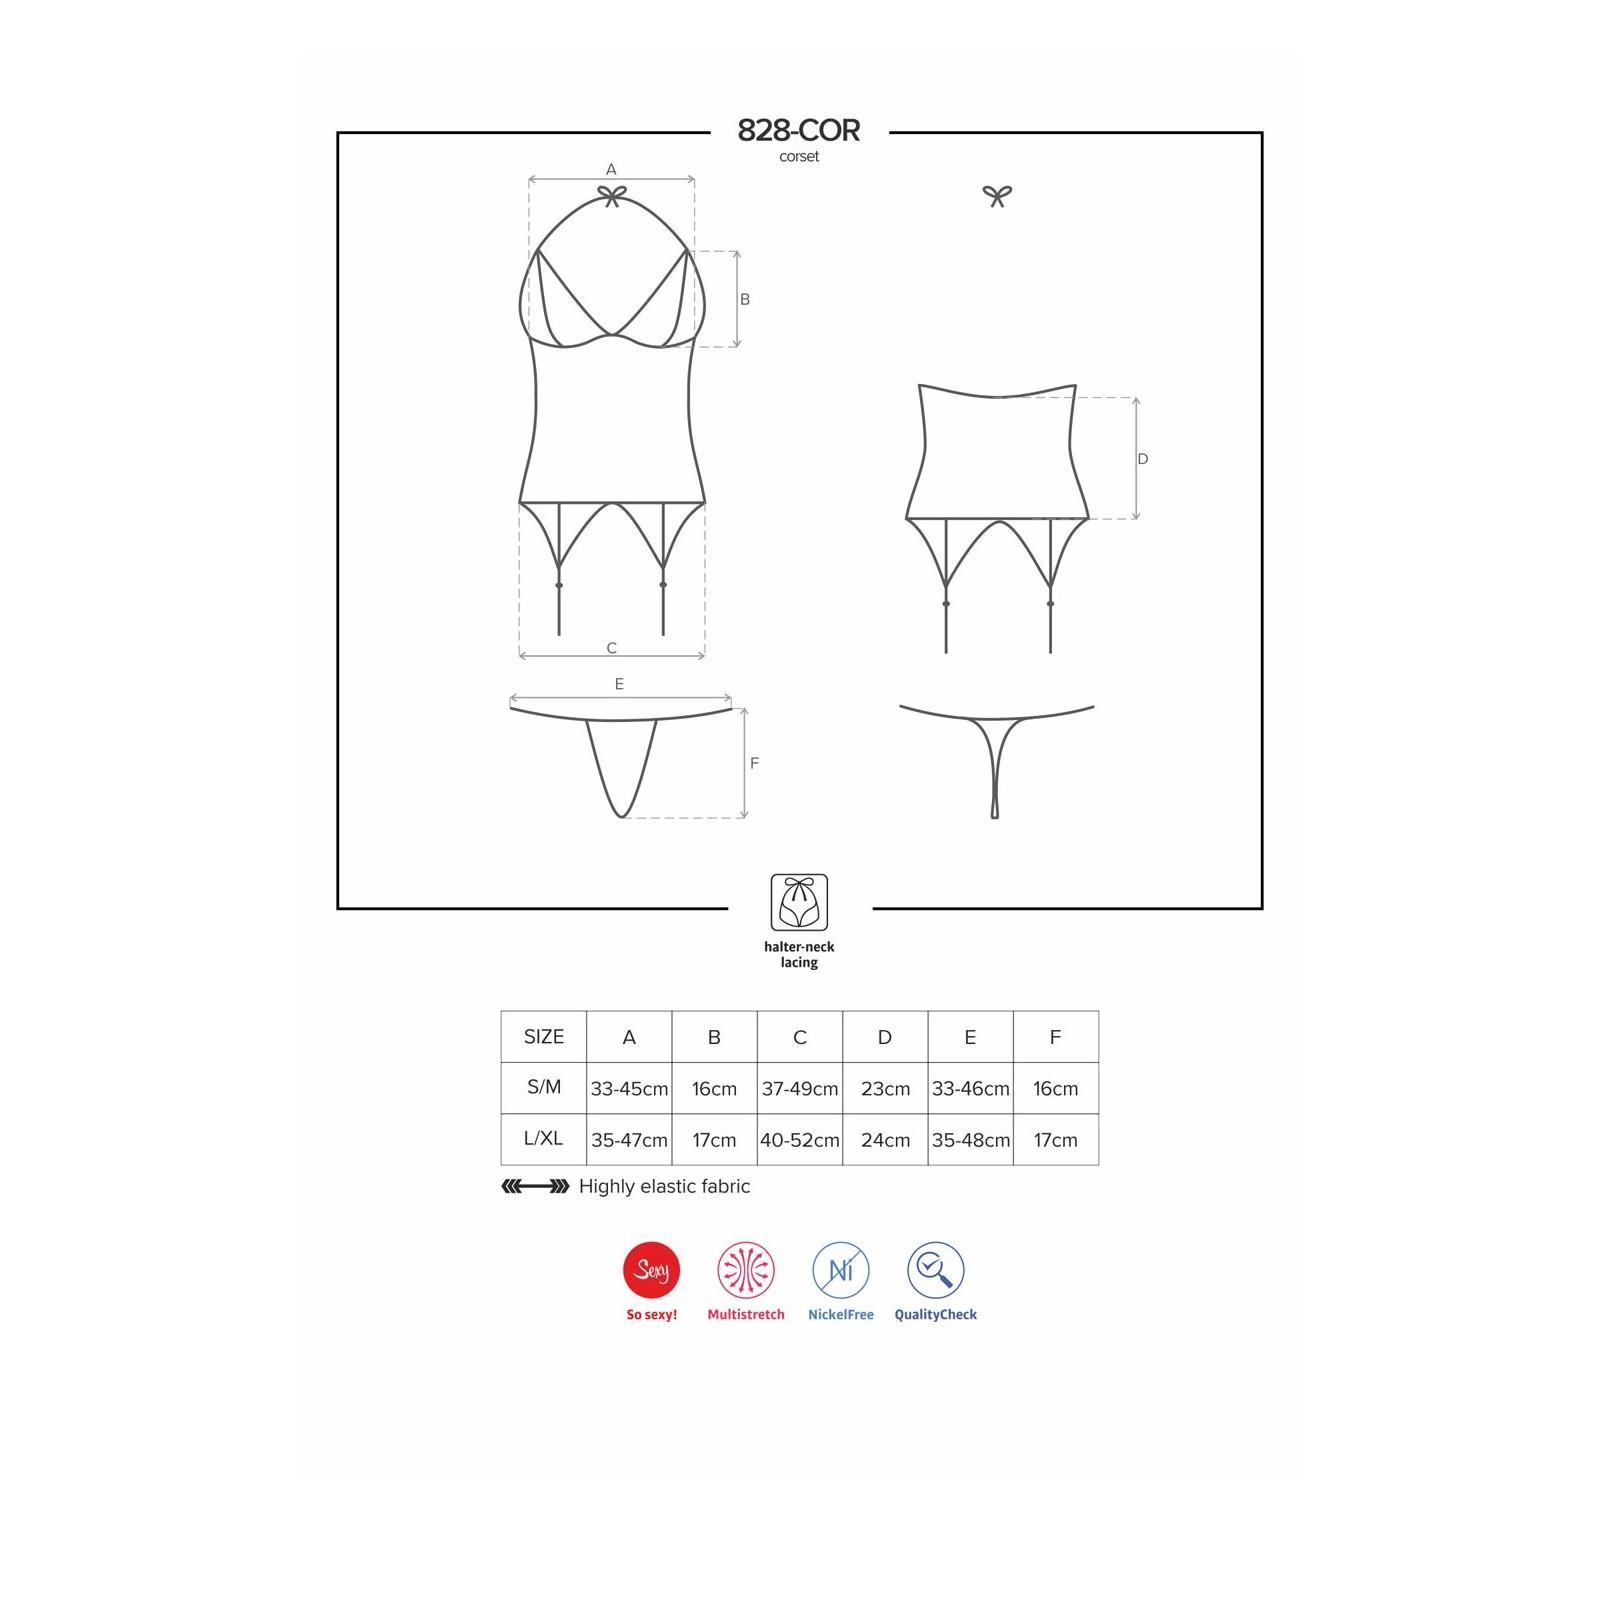 828-COR-1 Corsage schwarz - 7 - Vorschaubild